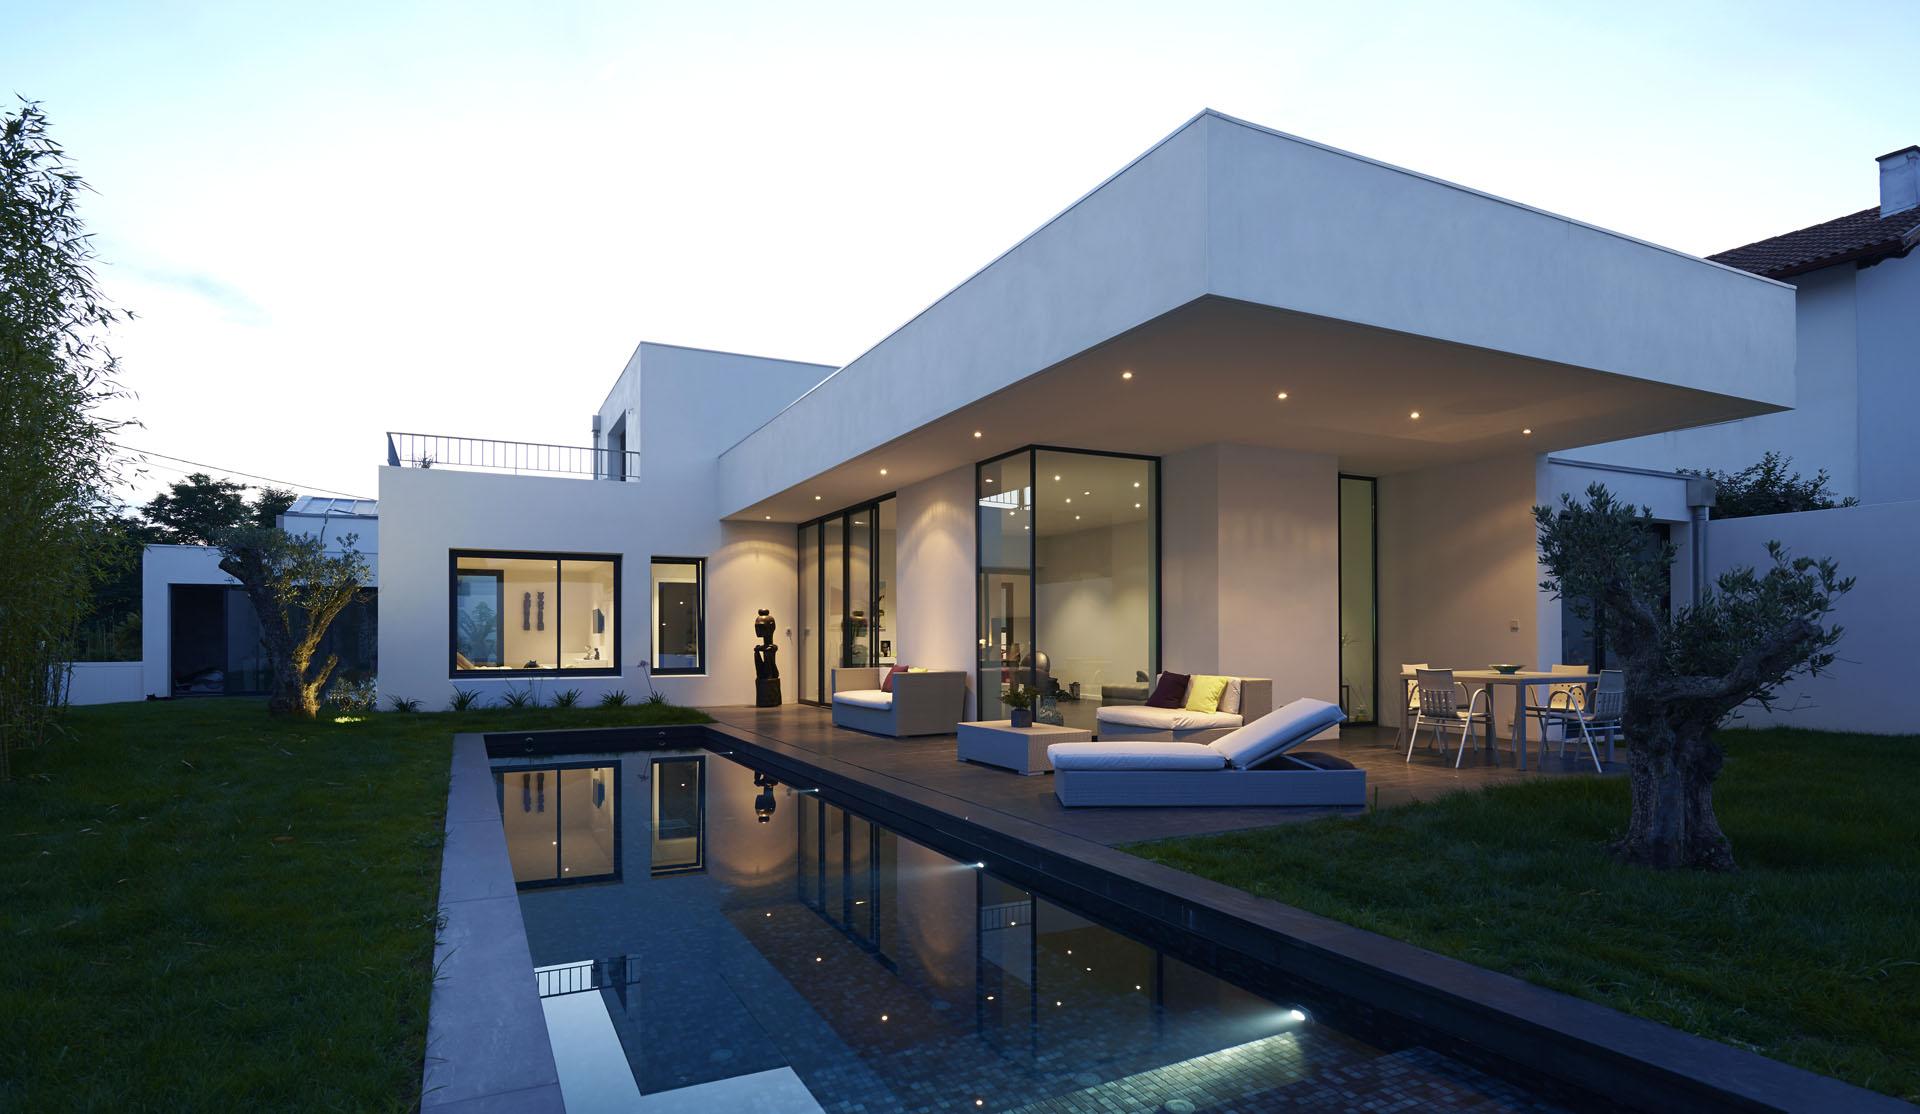 Construction de 2 villas contemporaines et piscine anglet architectes bordeaux rodde arag es - Maison de l architecture bordeaux ...